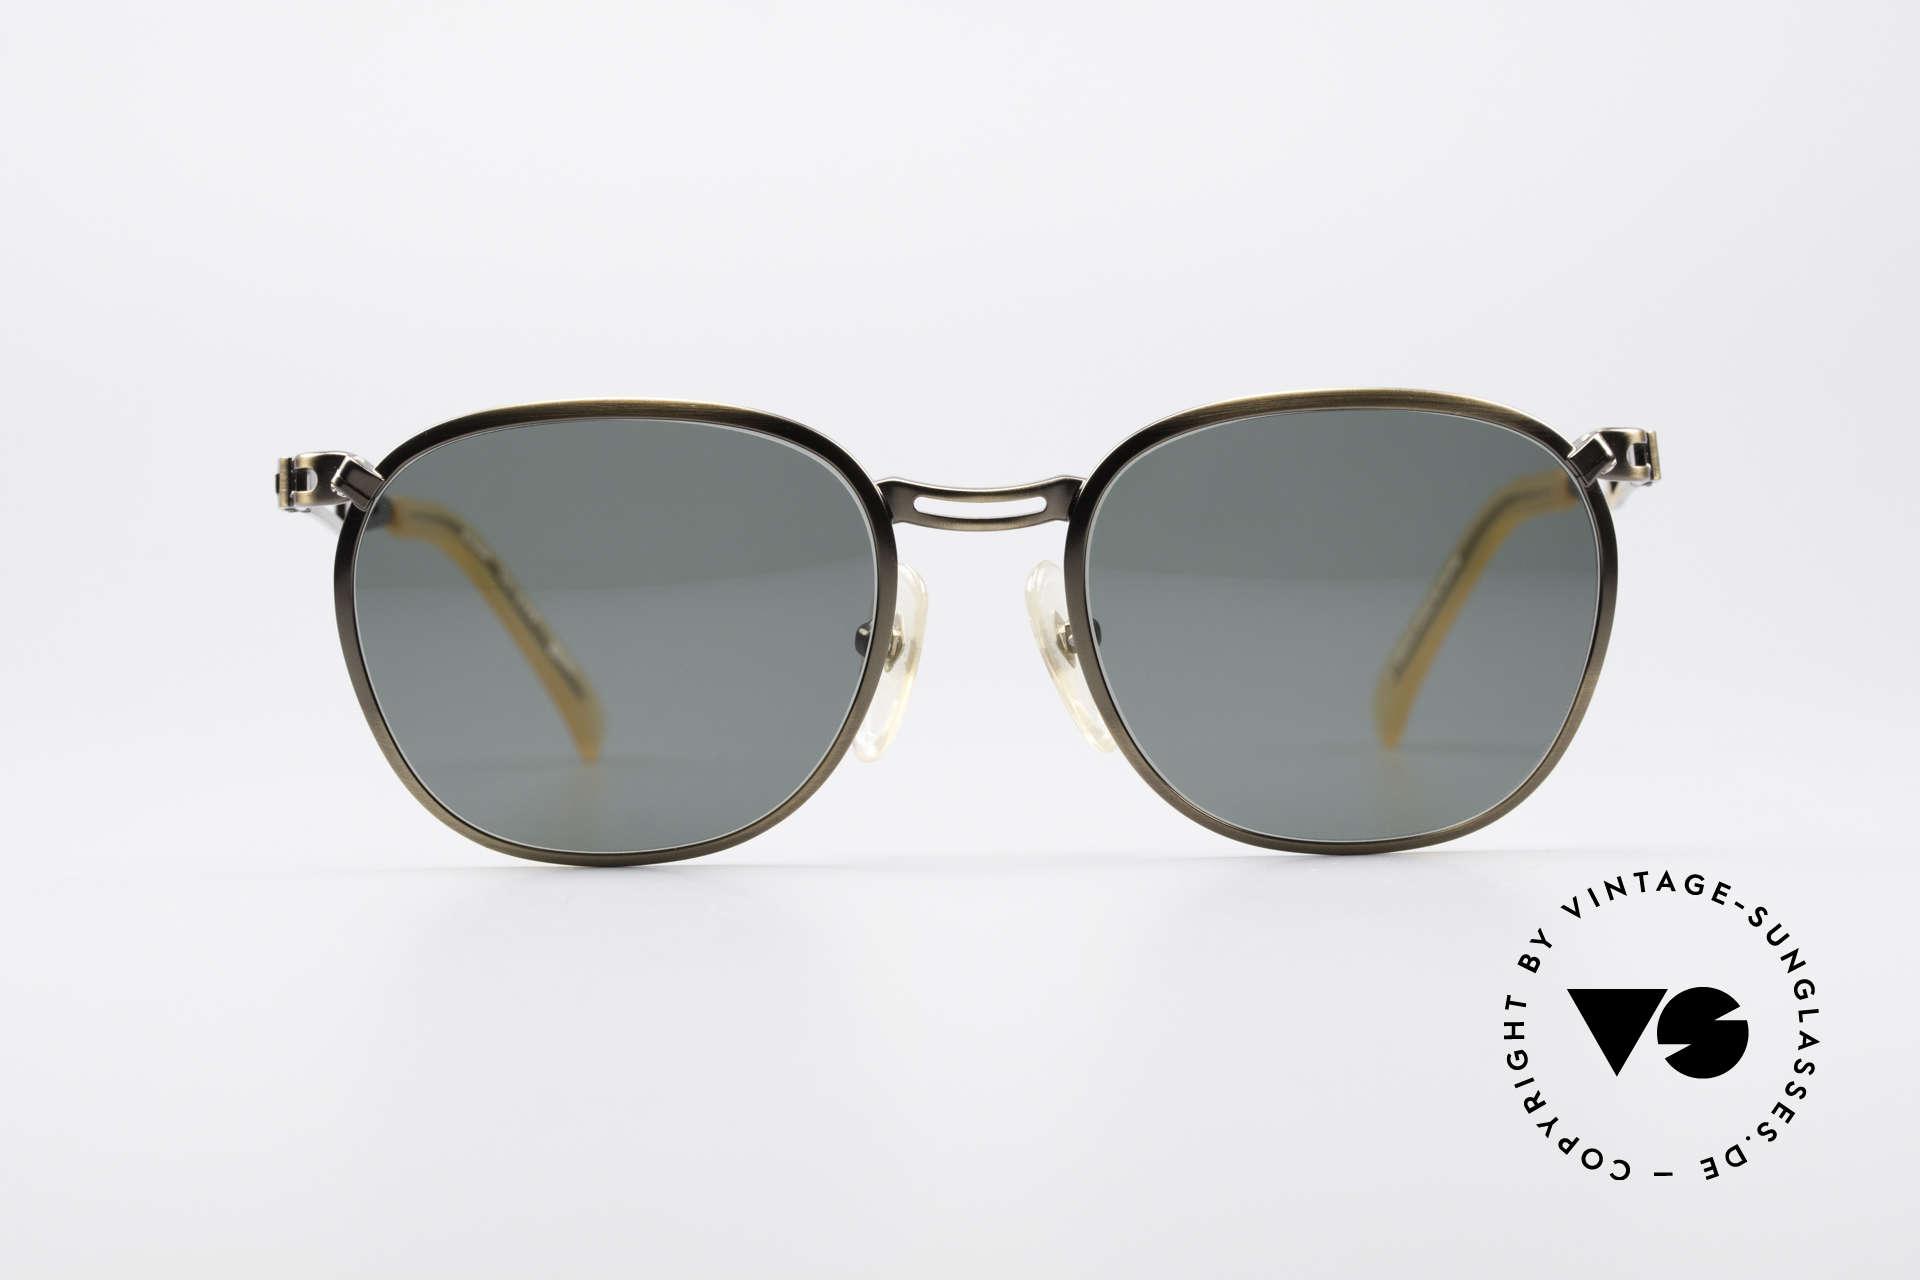 Jean Paul Gaultier 56-2177 90er Designer Sonnenbrille, ungewöhnlich schlichtes Design vom Exzentriker JPG, Passend für Herren und Damen